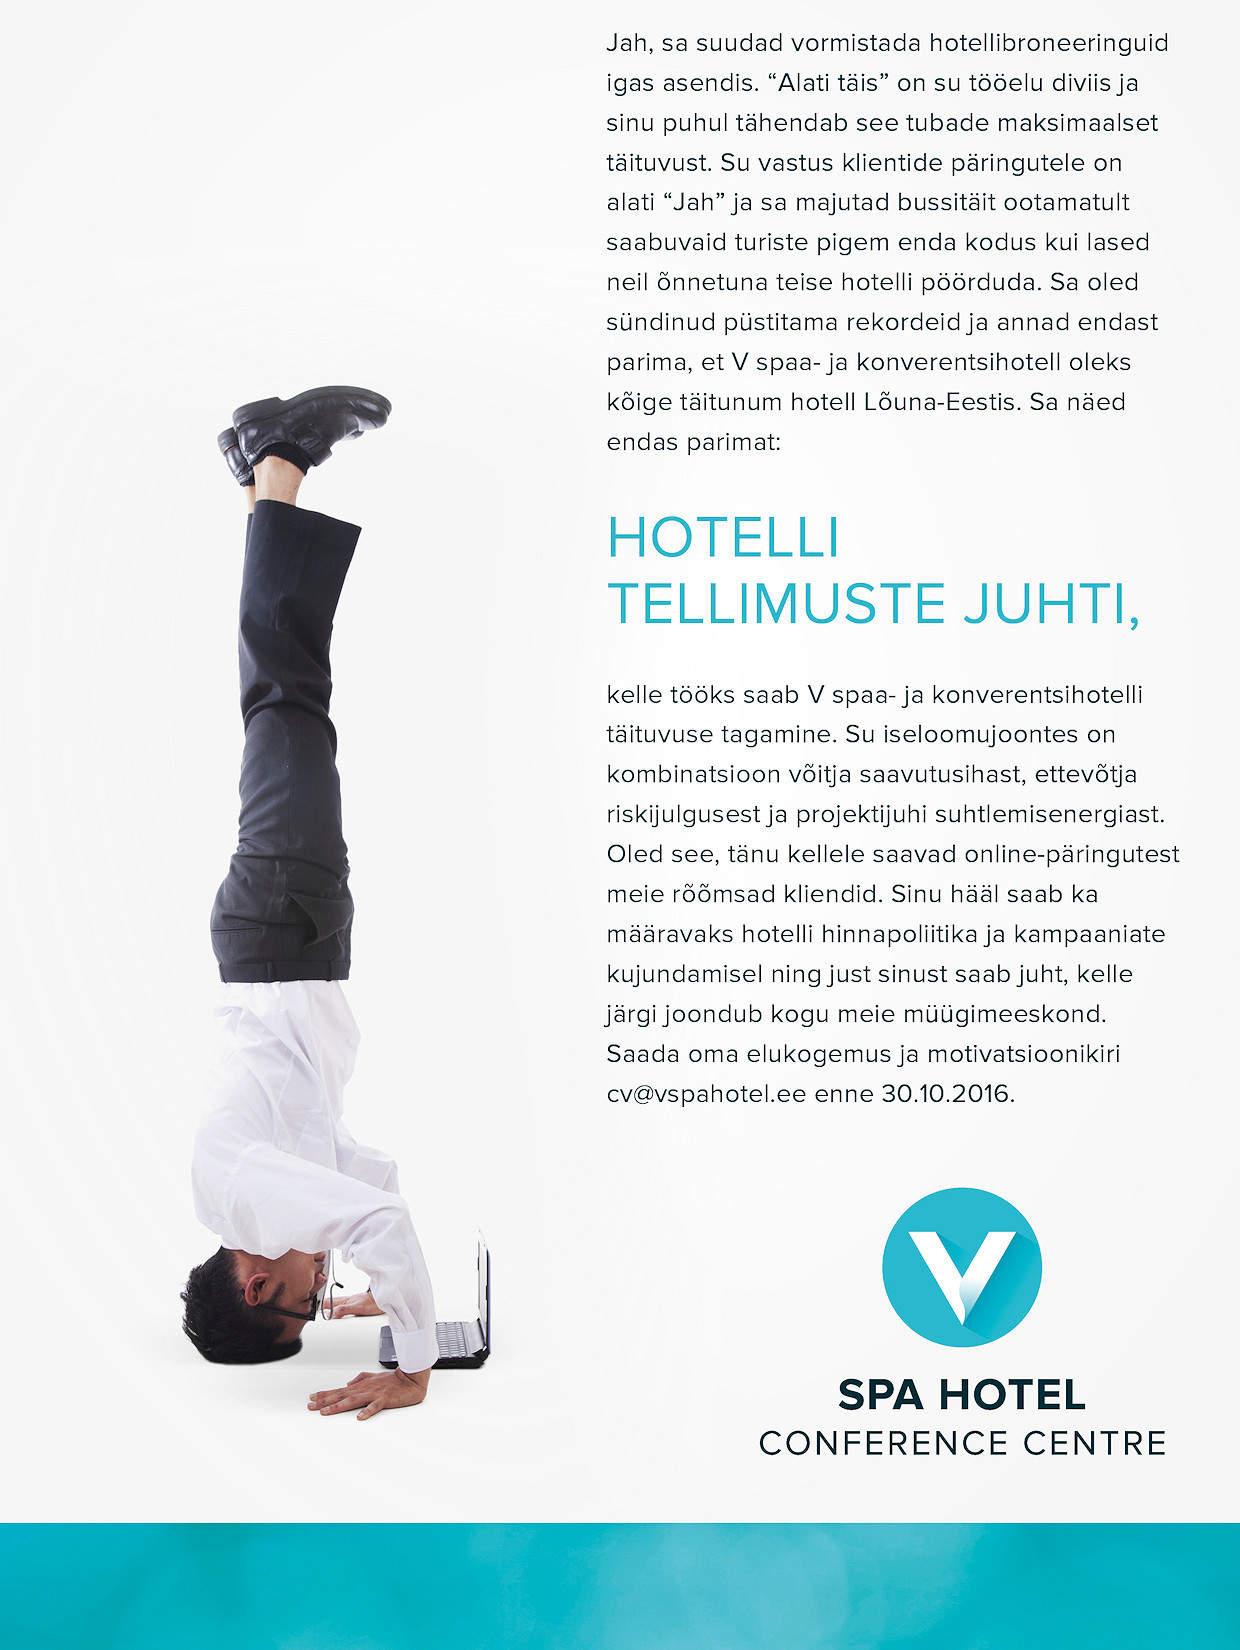 hotelli_tellimuste_juht